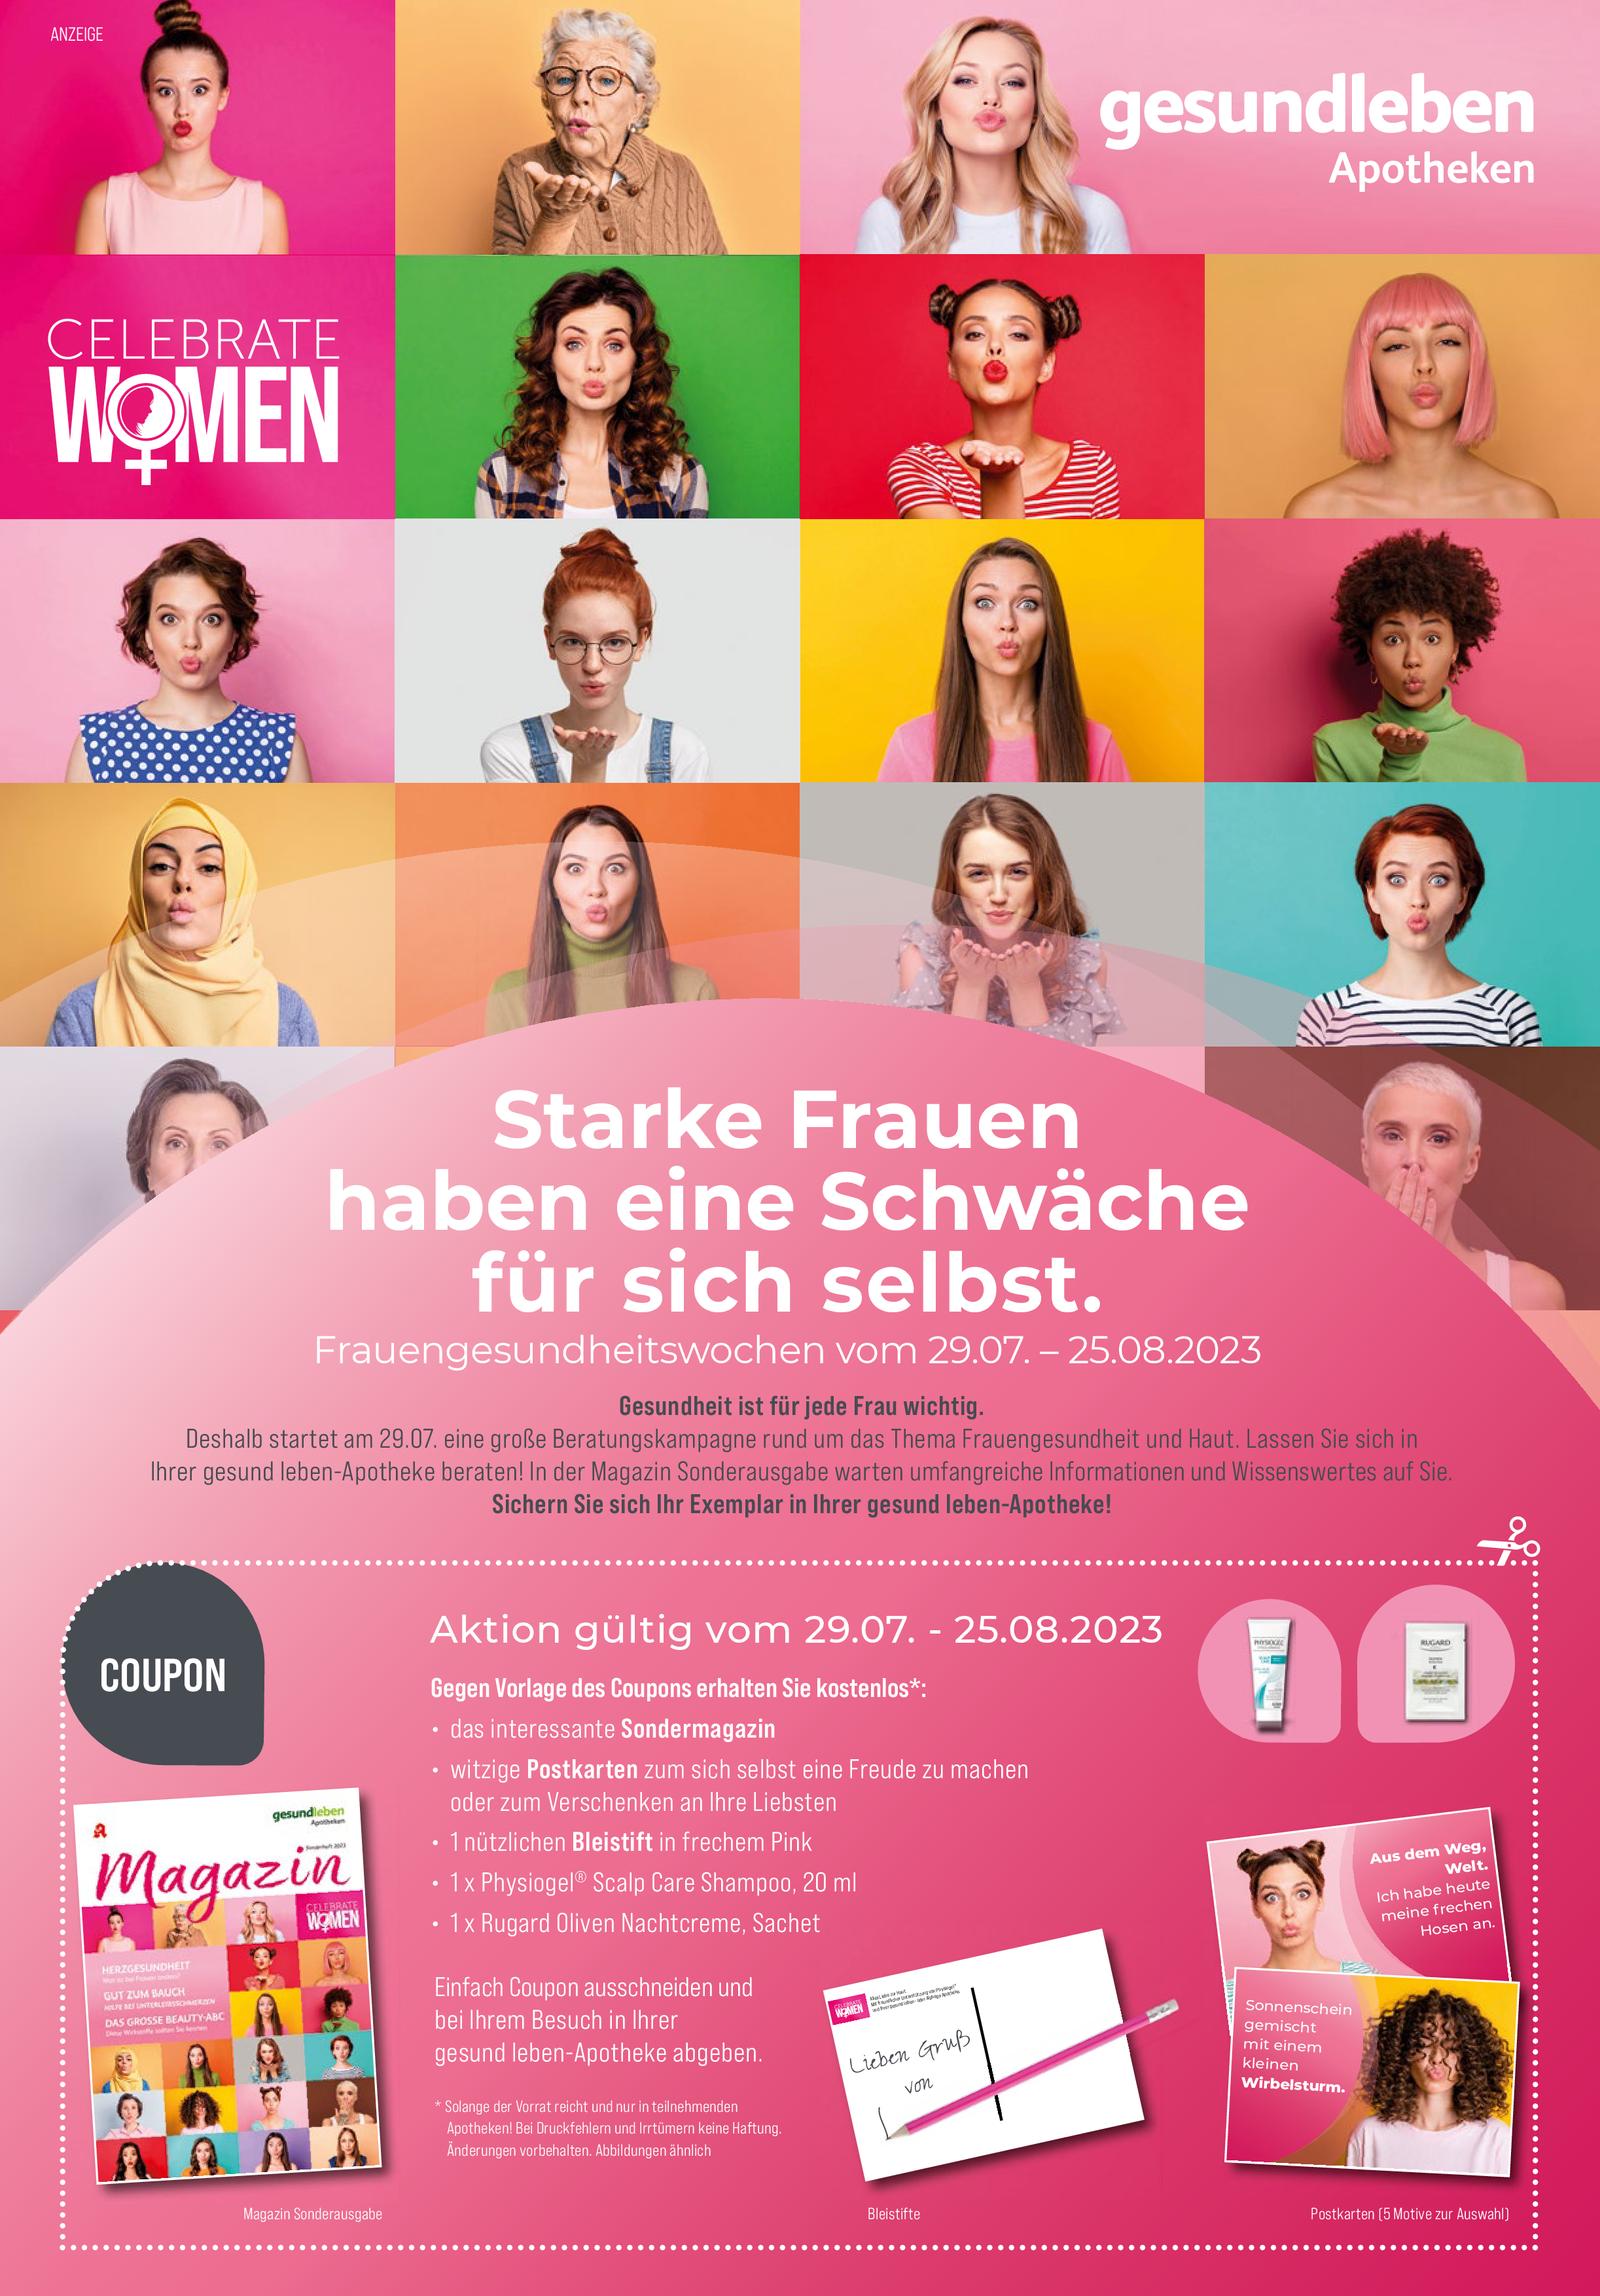 https://mein-uploads.apocdn.net/20514/leaflets/gesundleben_mittel-Seite5.png